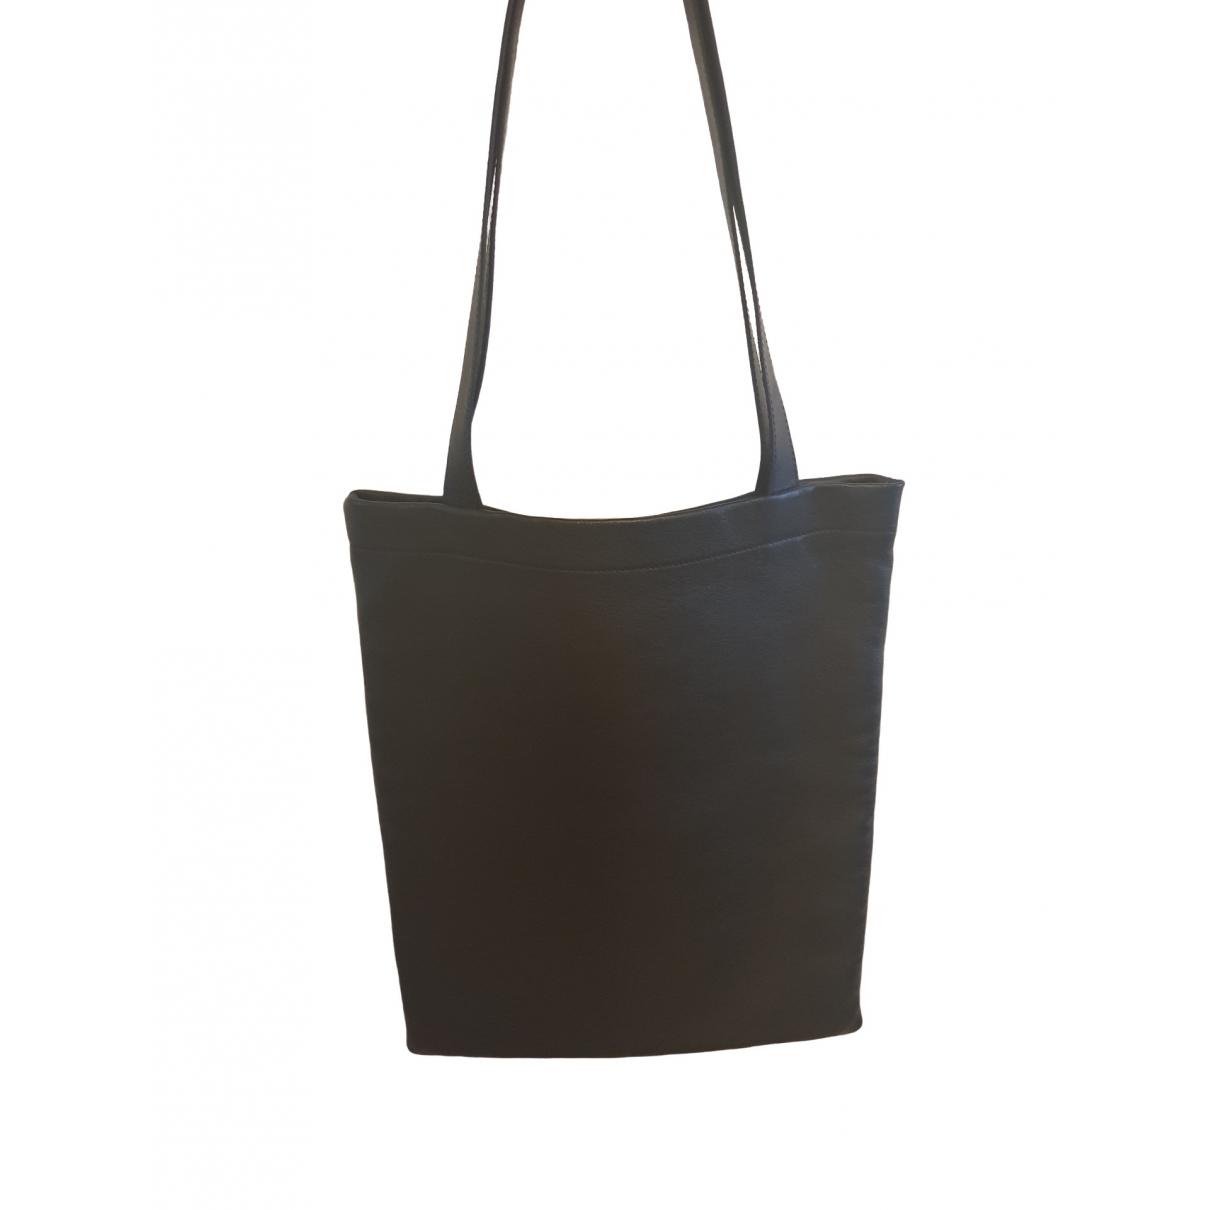 Saint Laurent - Sac a main   pour femme en cuir - noir